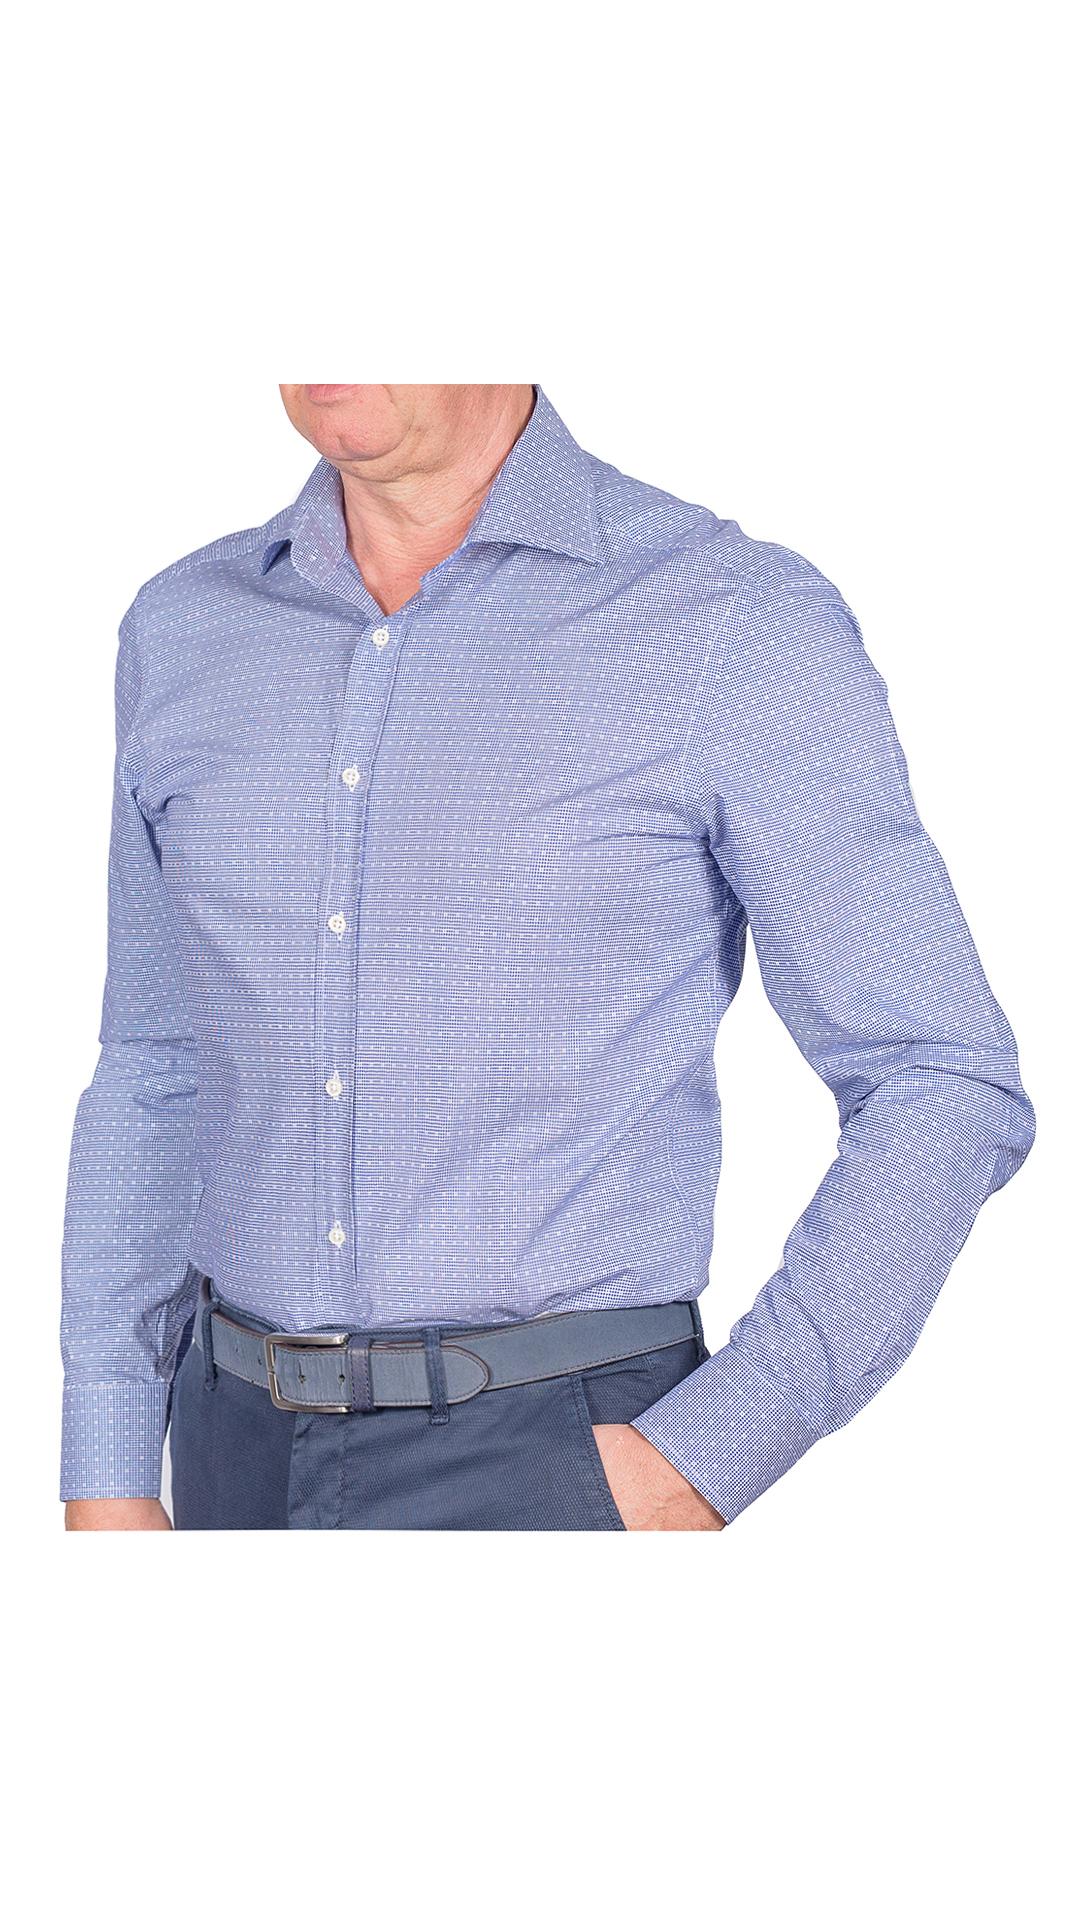 LUXURYJT0005 CAMICIA UOMO DOPPIO RITORTO MANICA LUNGA 1 1stAmerican camicia elegante da uomo in collo classico 100% cotone alta qualità doppio ritorto manica lunga – camicia sartoriale regular fit